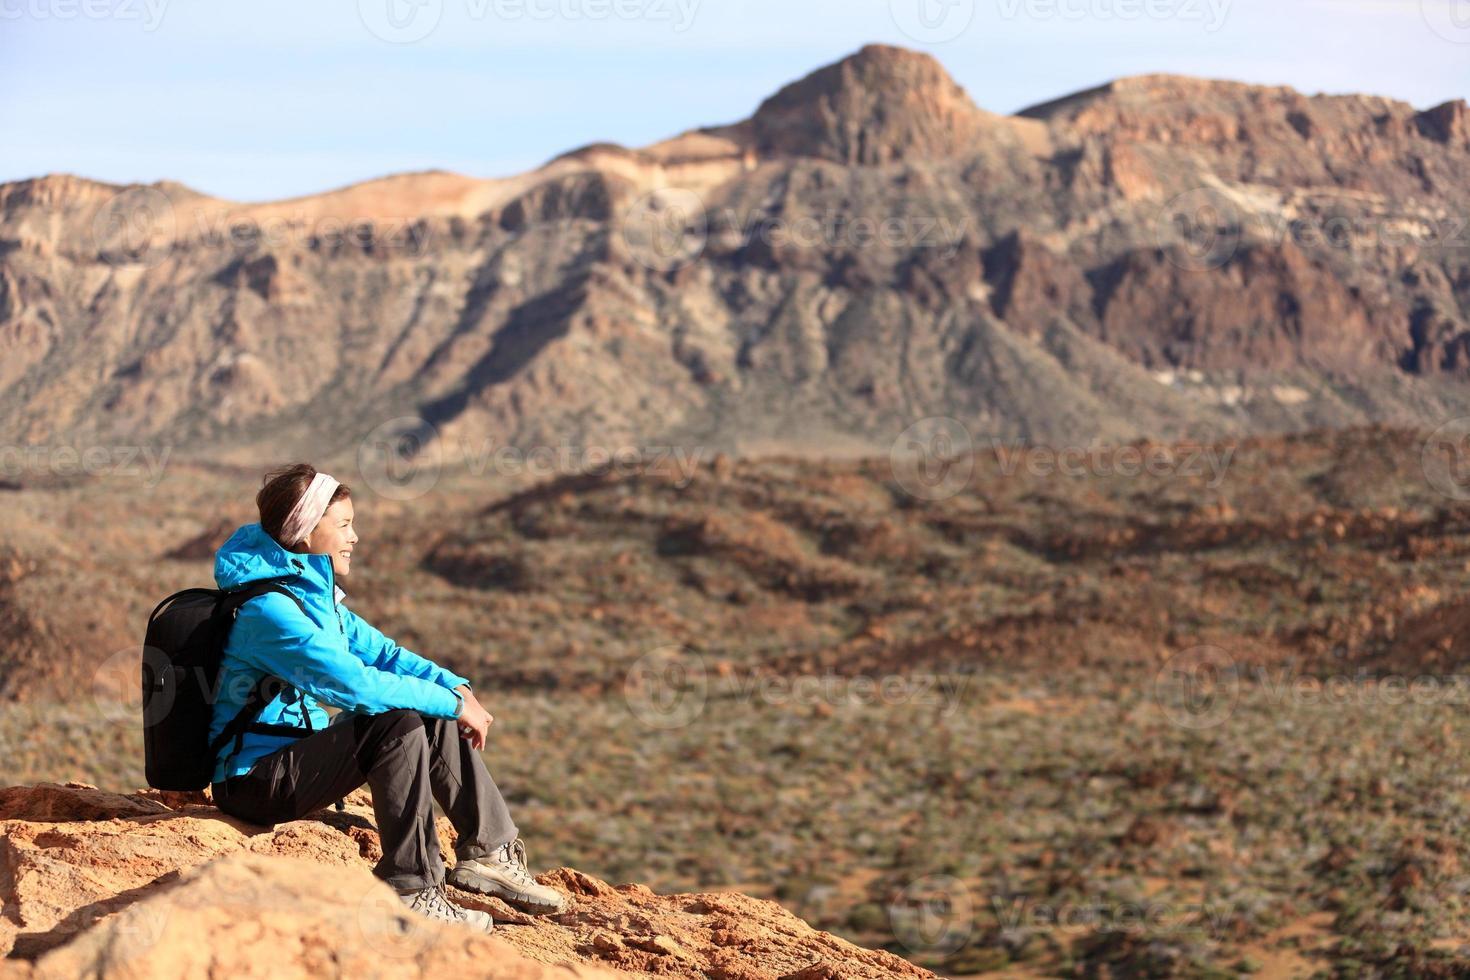 wandelen - vrouw wandelaar genieten van uitzicht foto